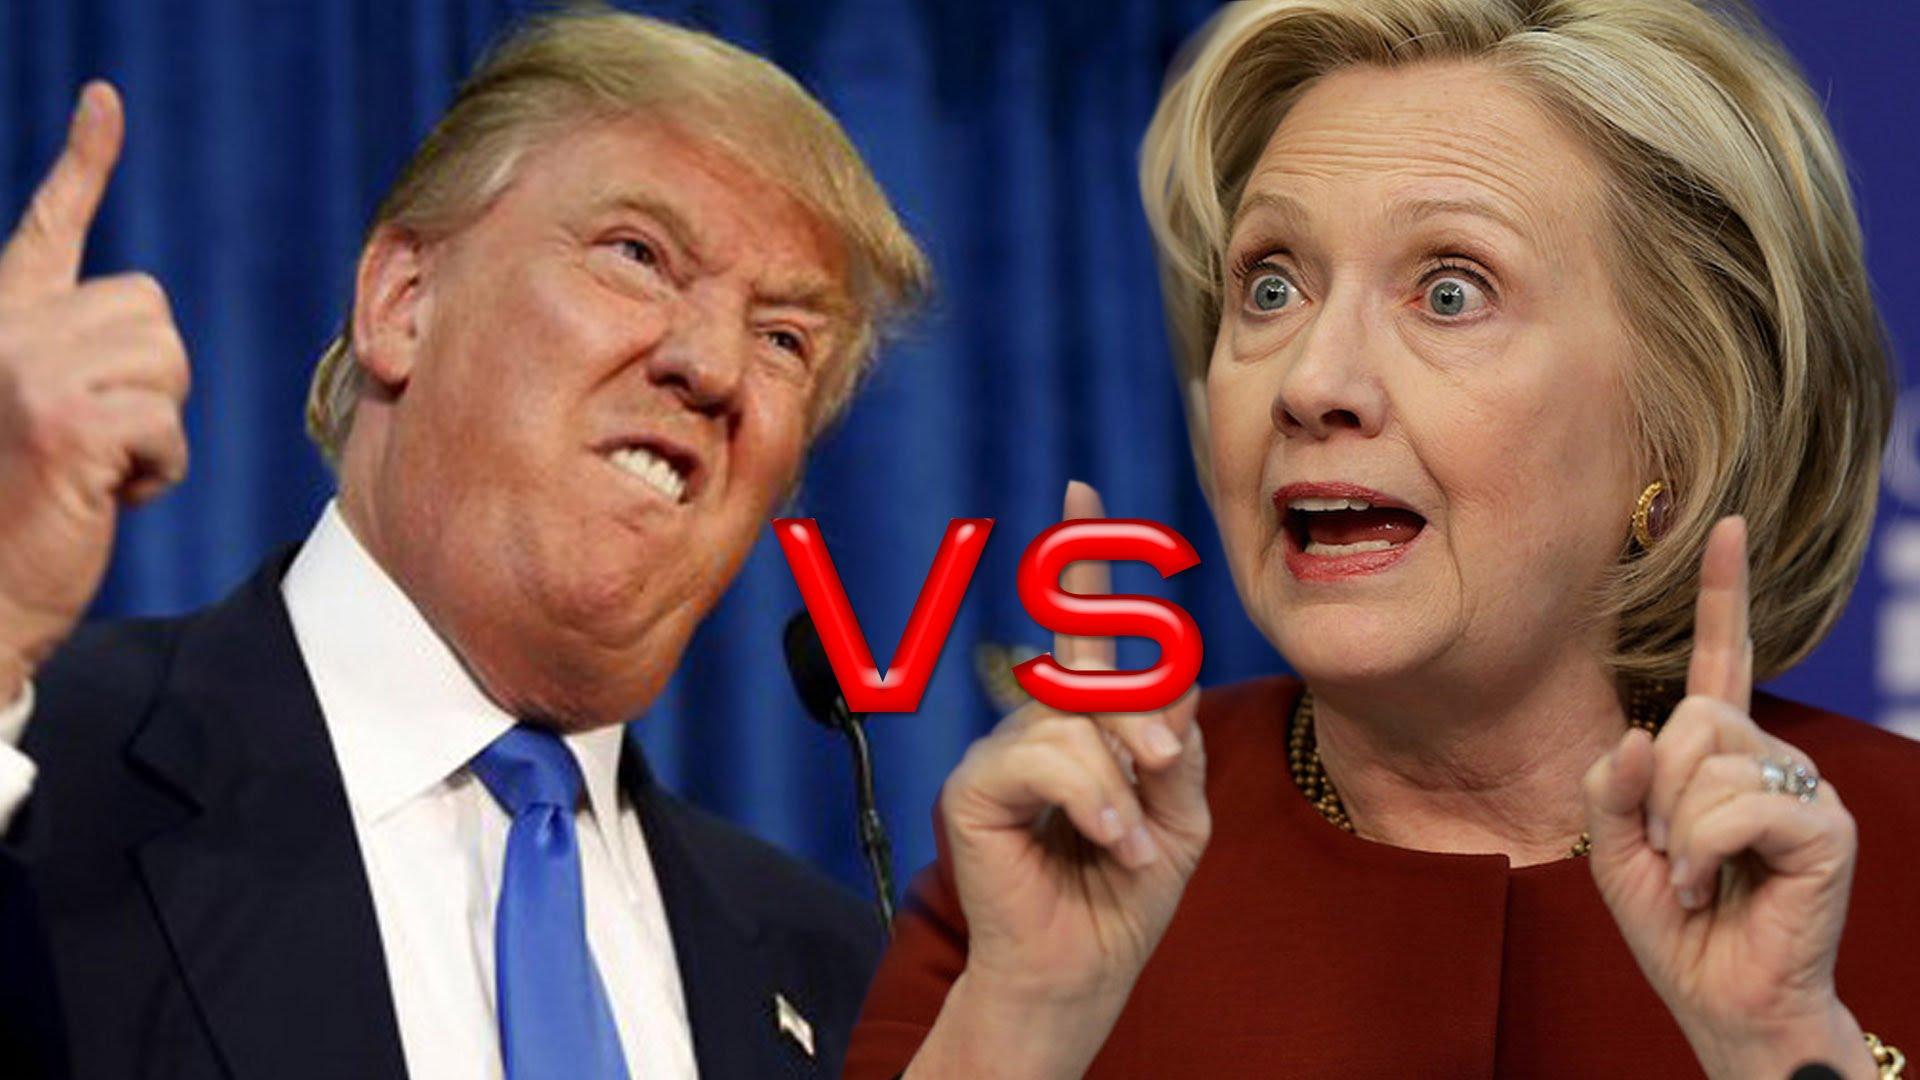 De Trump versus Hillary Show